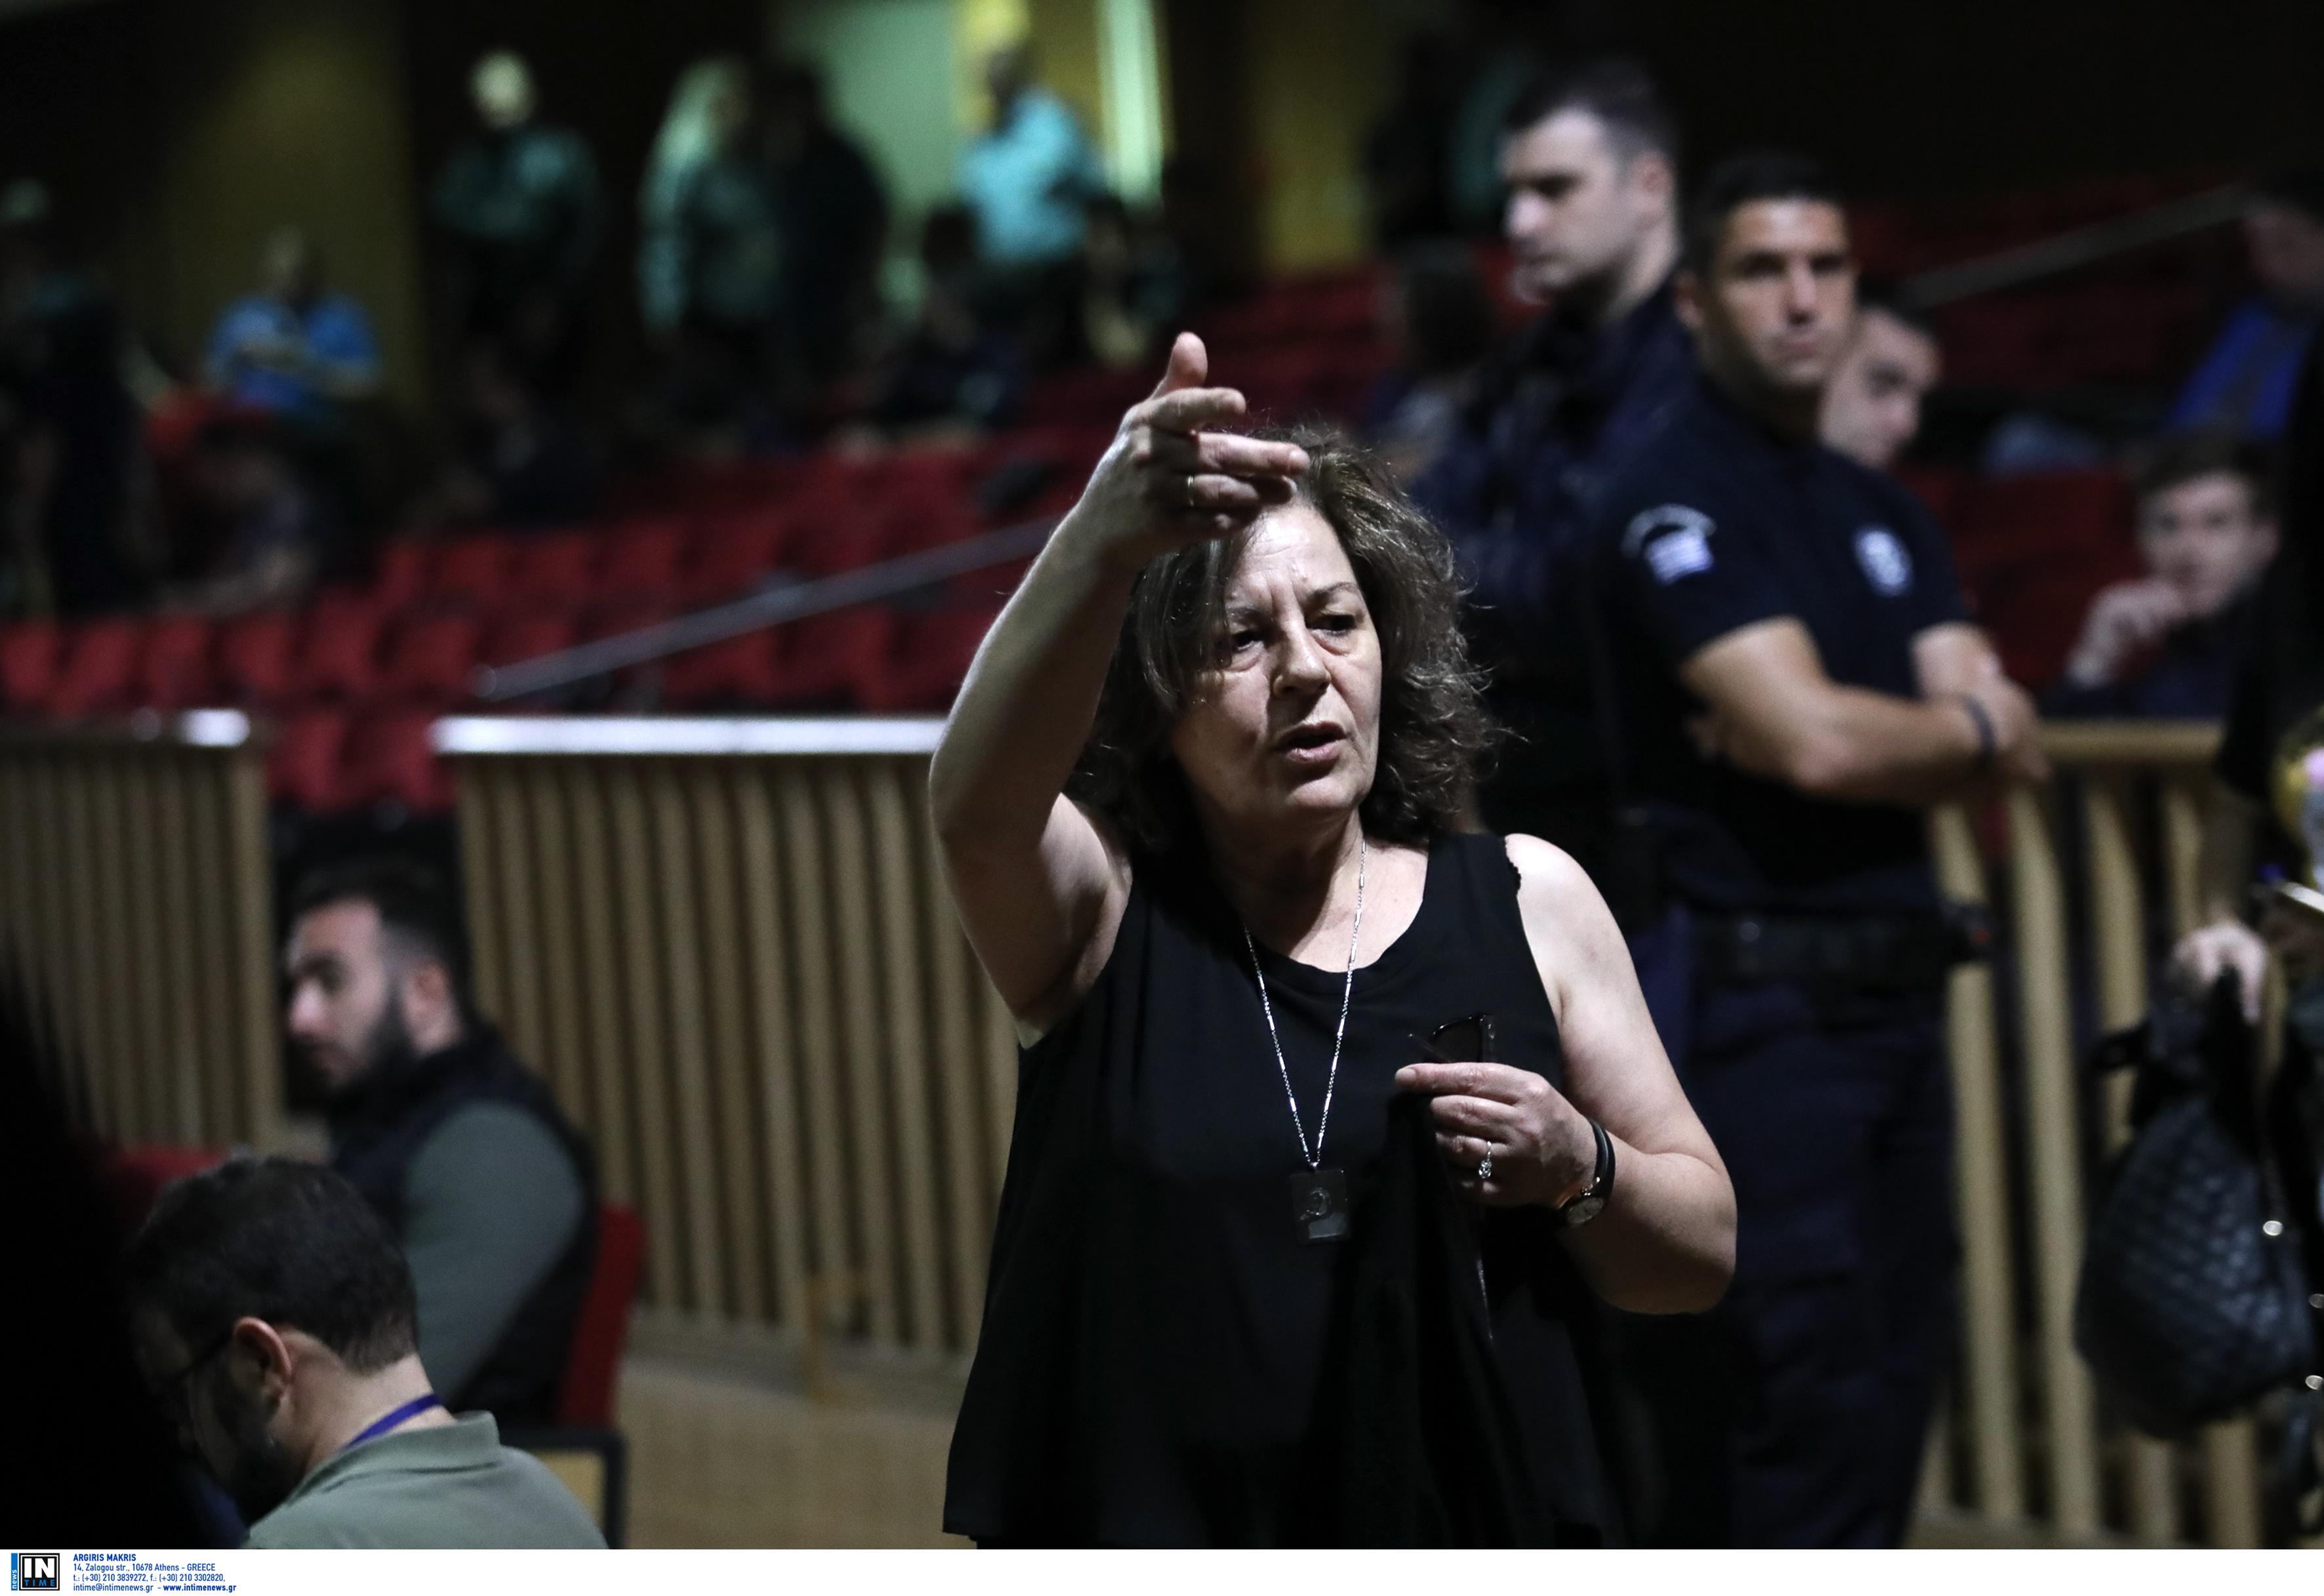 Συγκλόνισε ξανά η Μάγδα Φύσσα: Κυρία εισαγγελέα, απαντήστε μου, ξαναμαχαιρώσατε τον Παύλο;